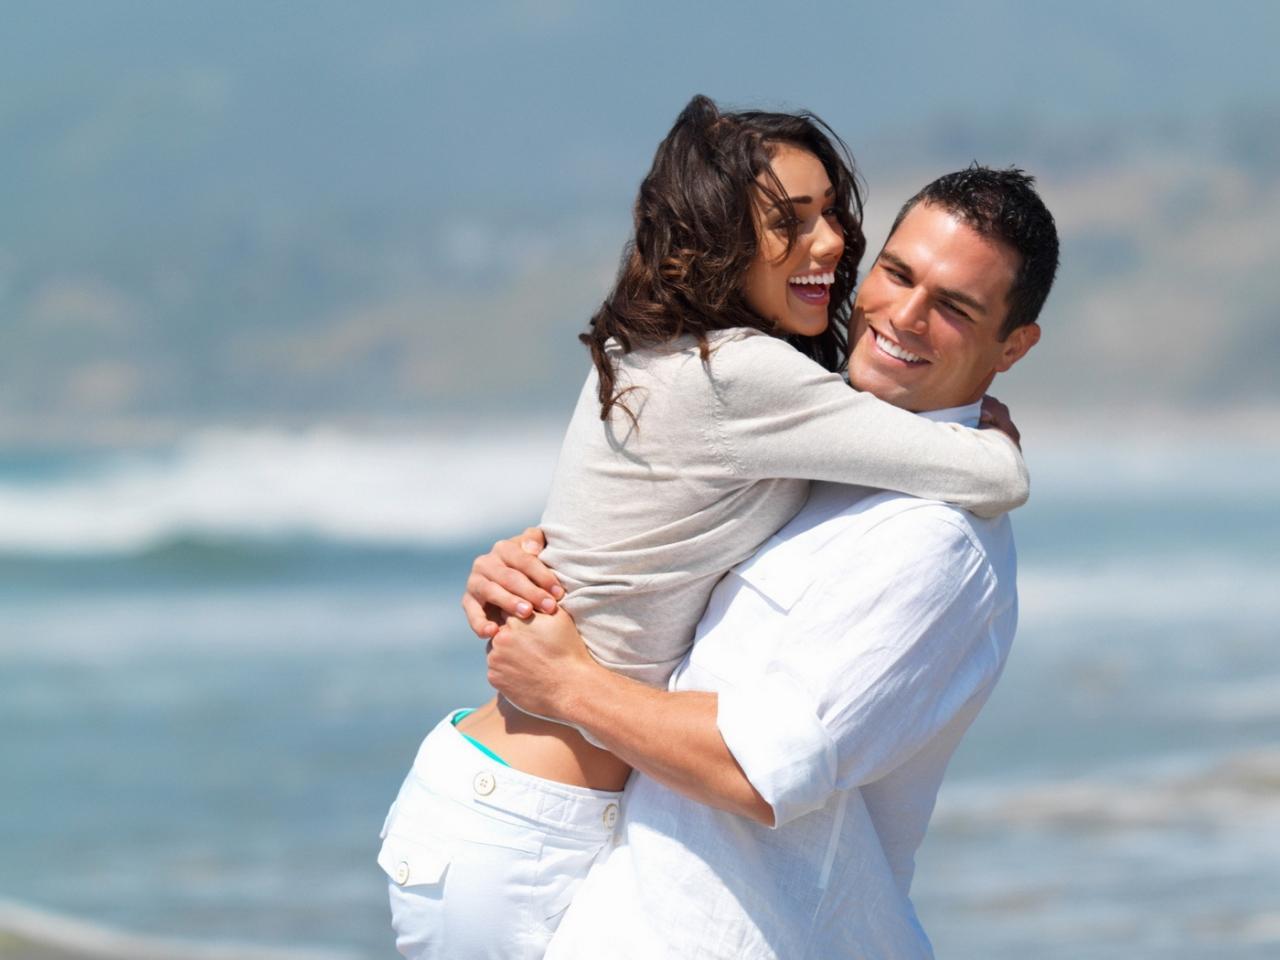 Enamorados en playa - 1280x960